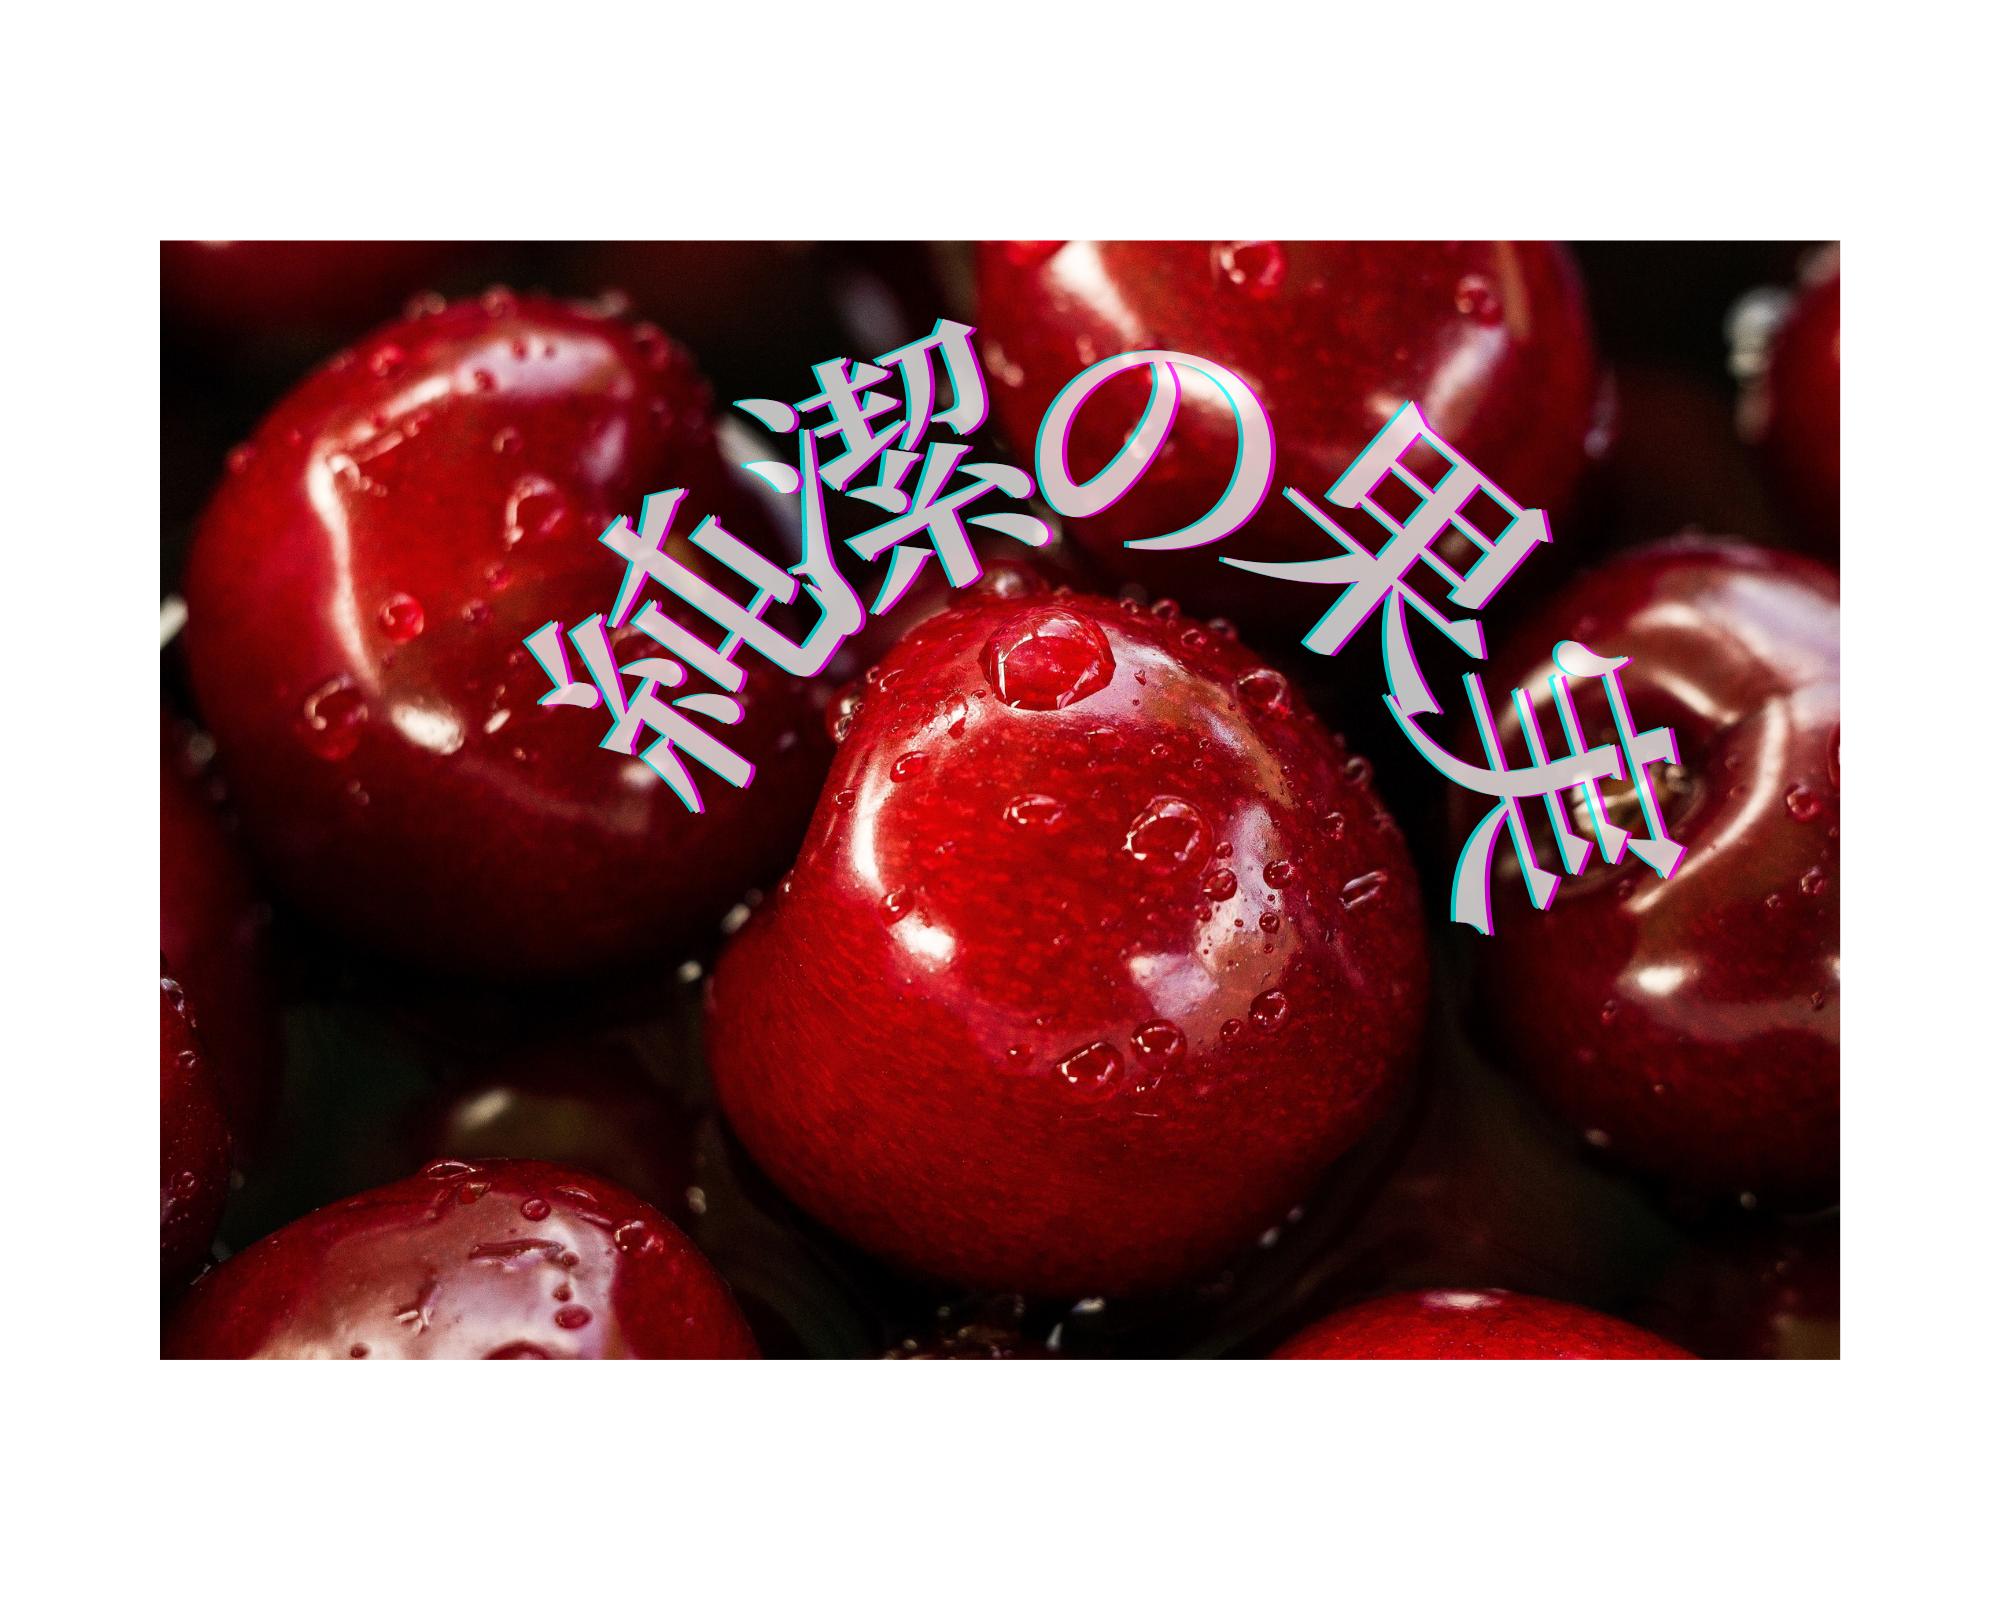 純潔の果実